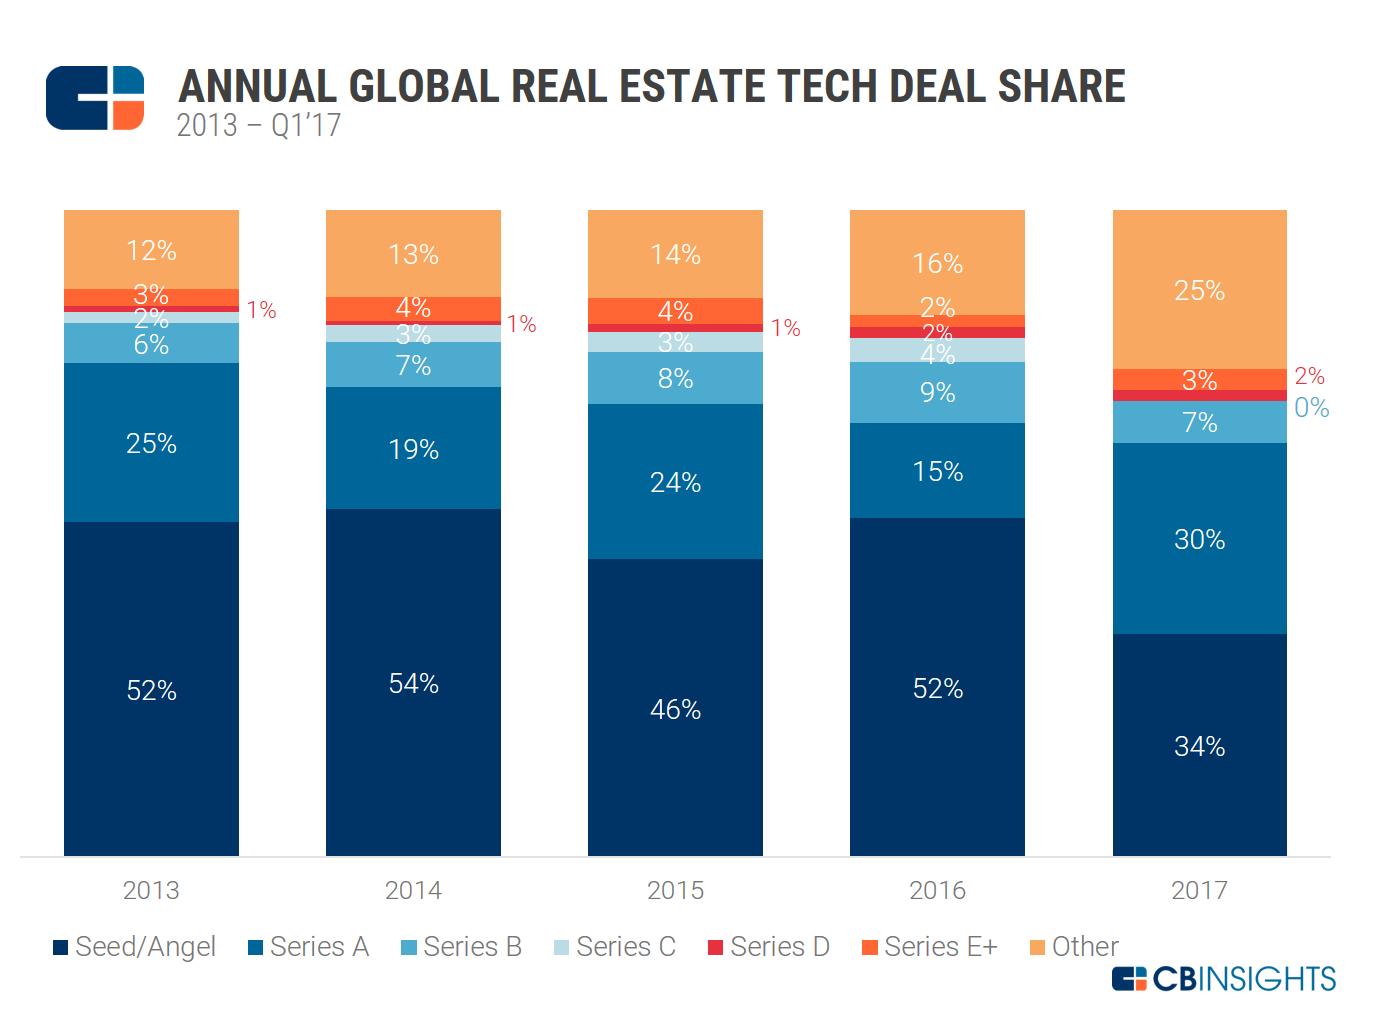 RE Tech Annual Deal Share 2013-Q1'17